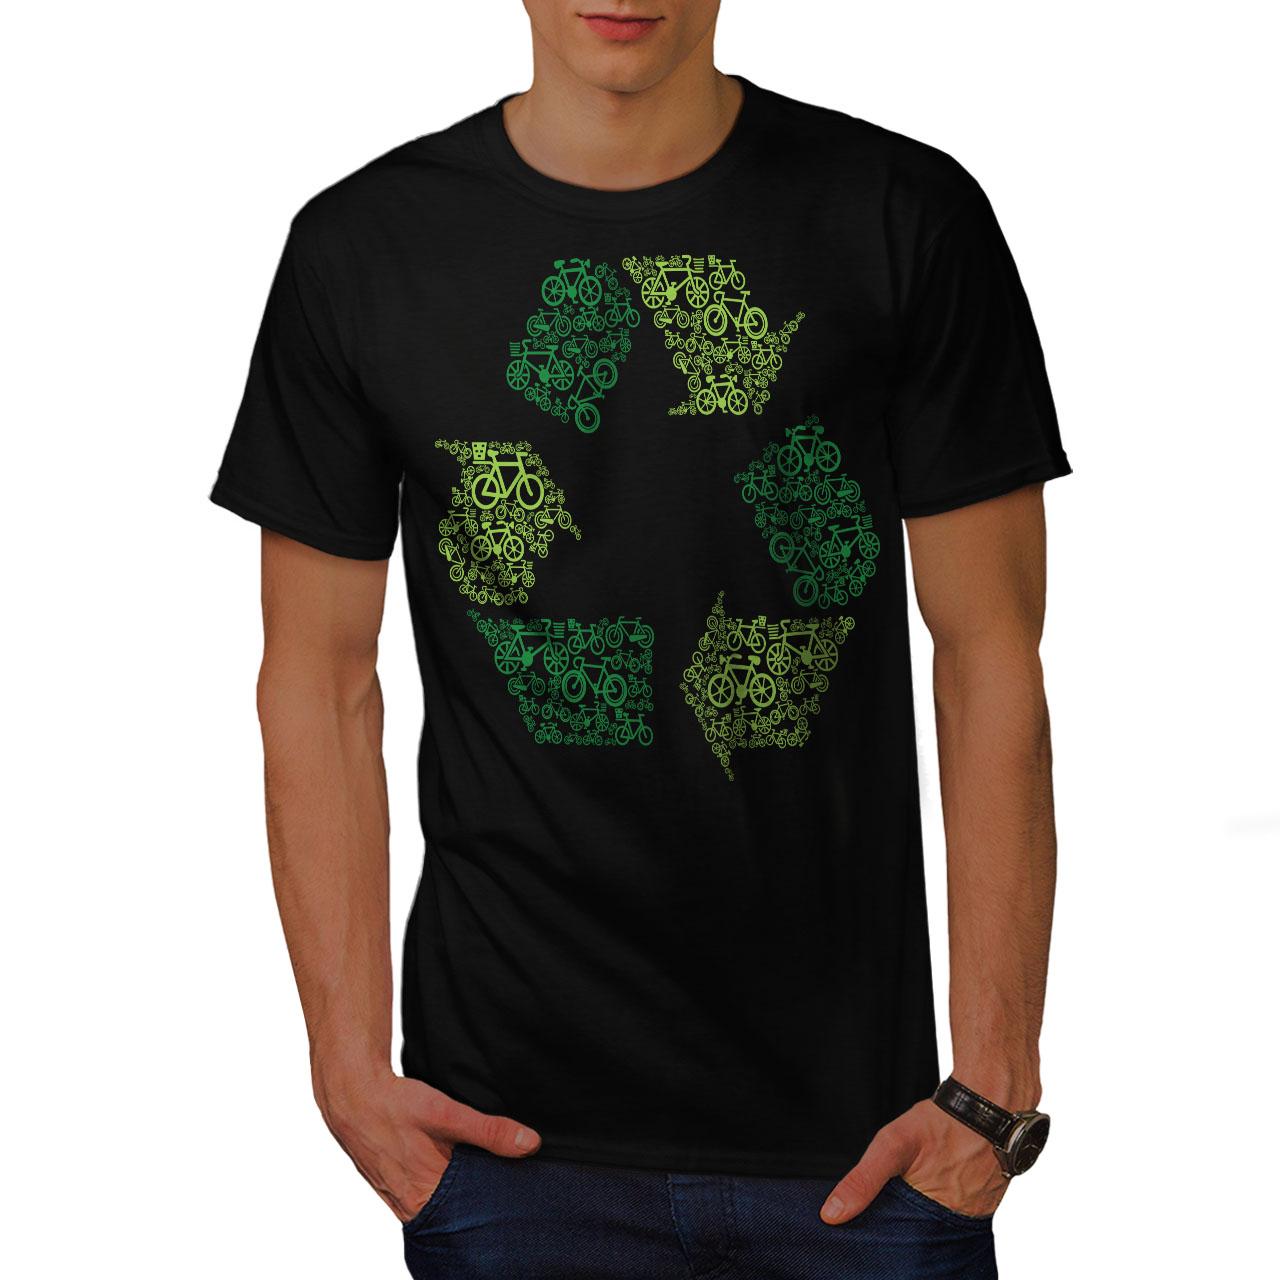 d3e304e8 Wellcoda Green Art Eco Funny Mens T-shirt, 0 Graphic Design Printed ...